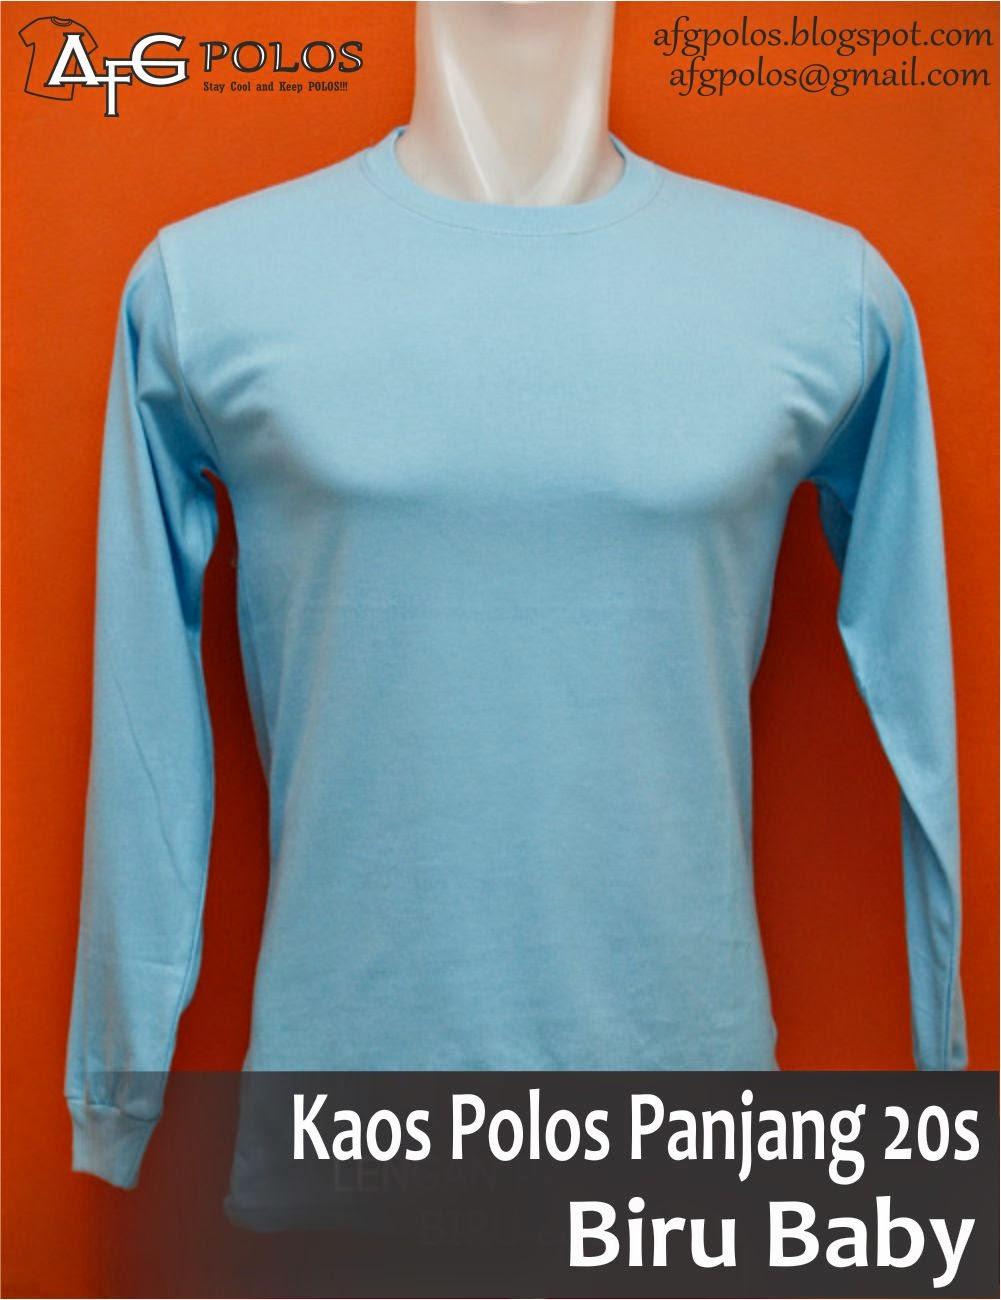 Afg Polos Kaos 20s Lengan Panjang Size L Cotton Combed